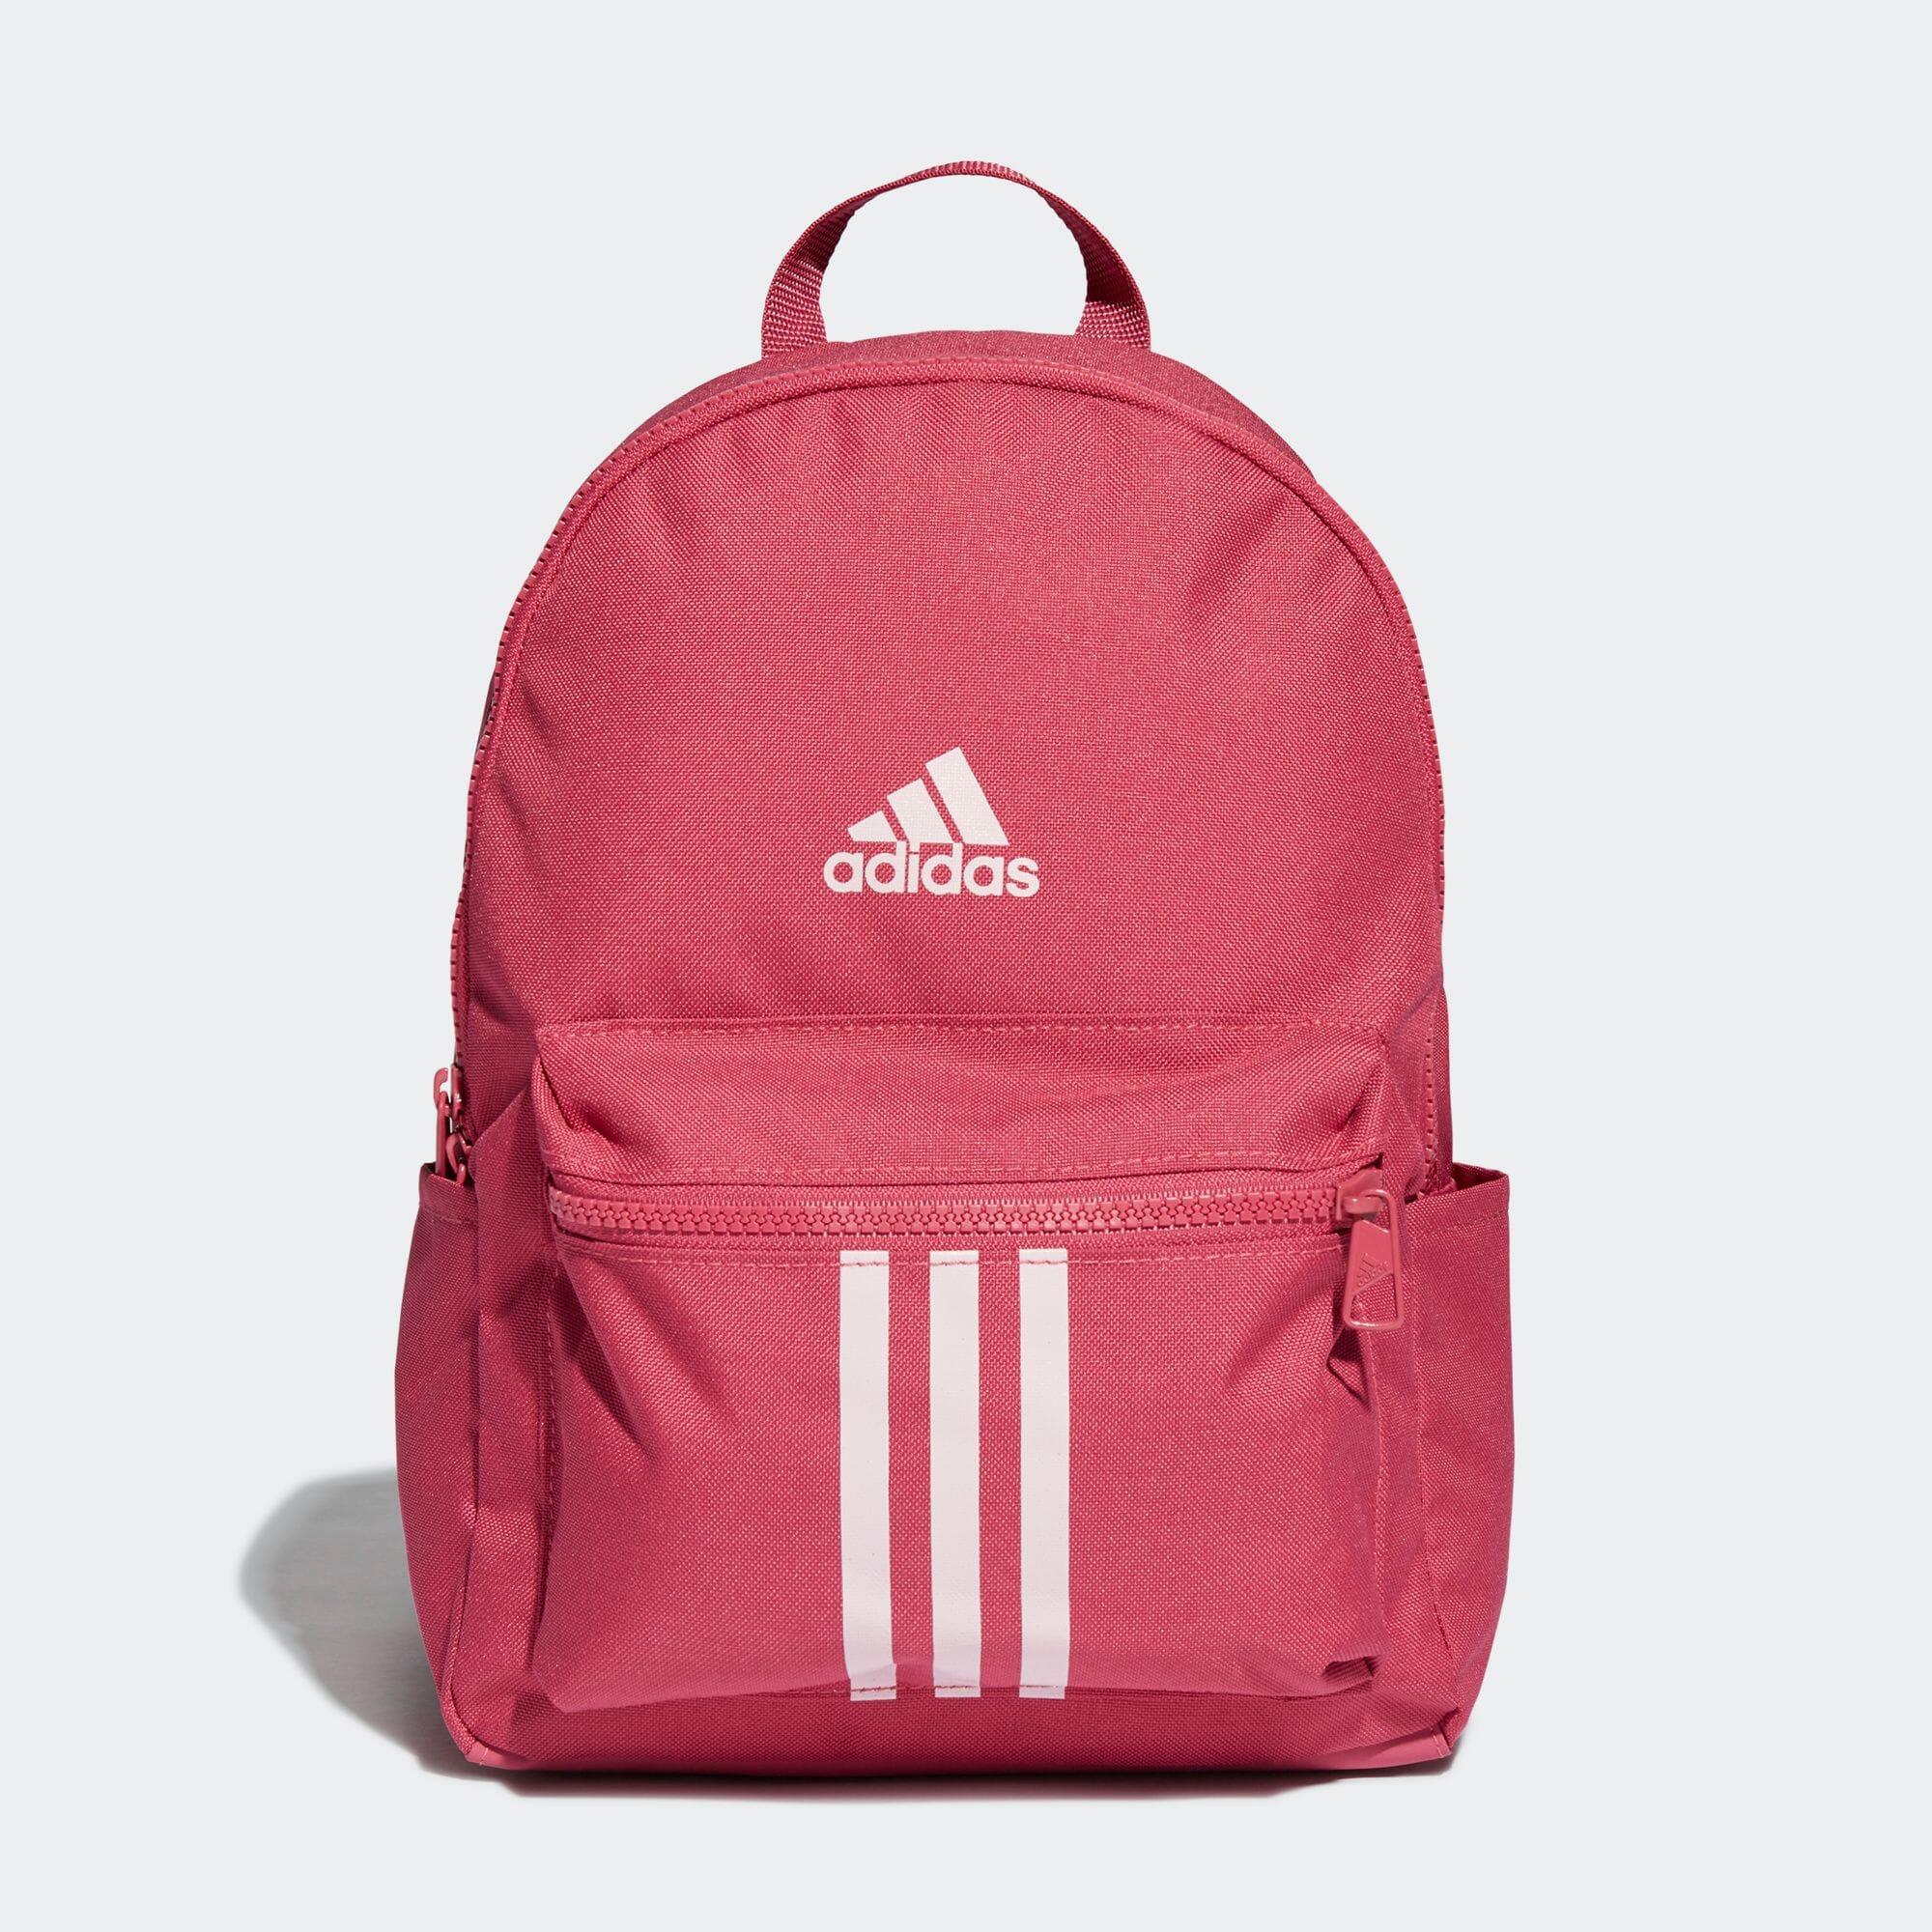 クラシック バックパック / Classic Backpack